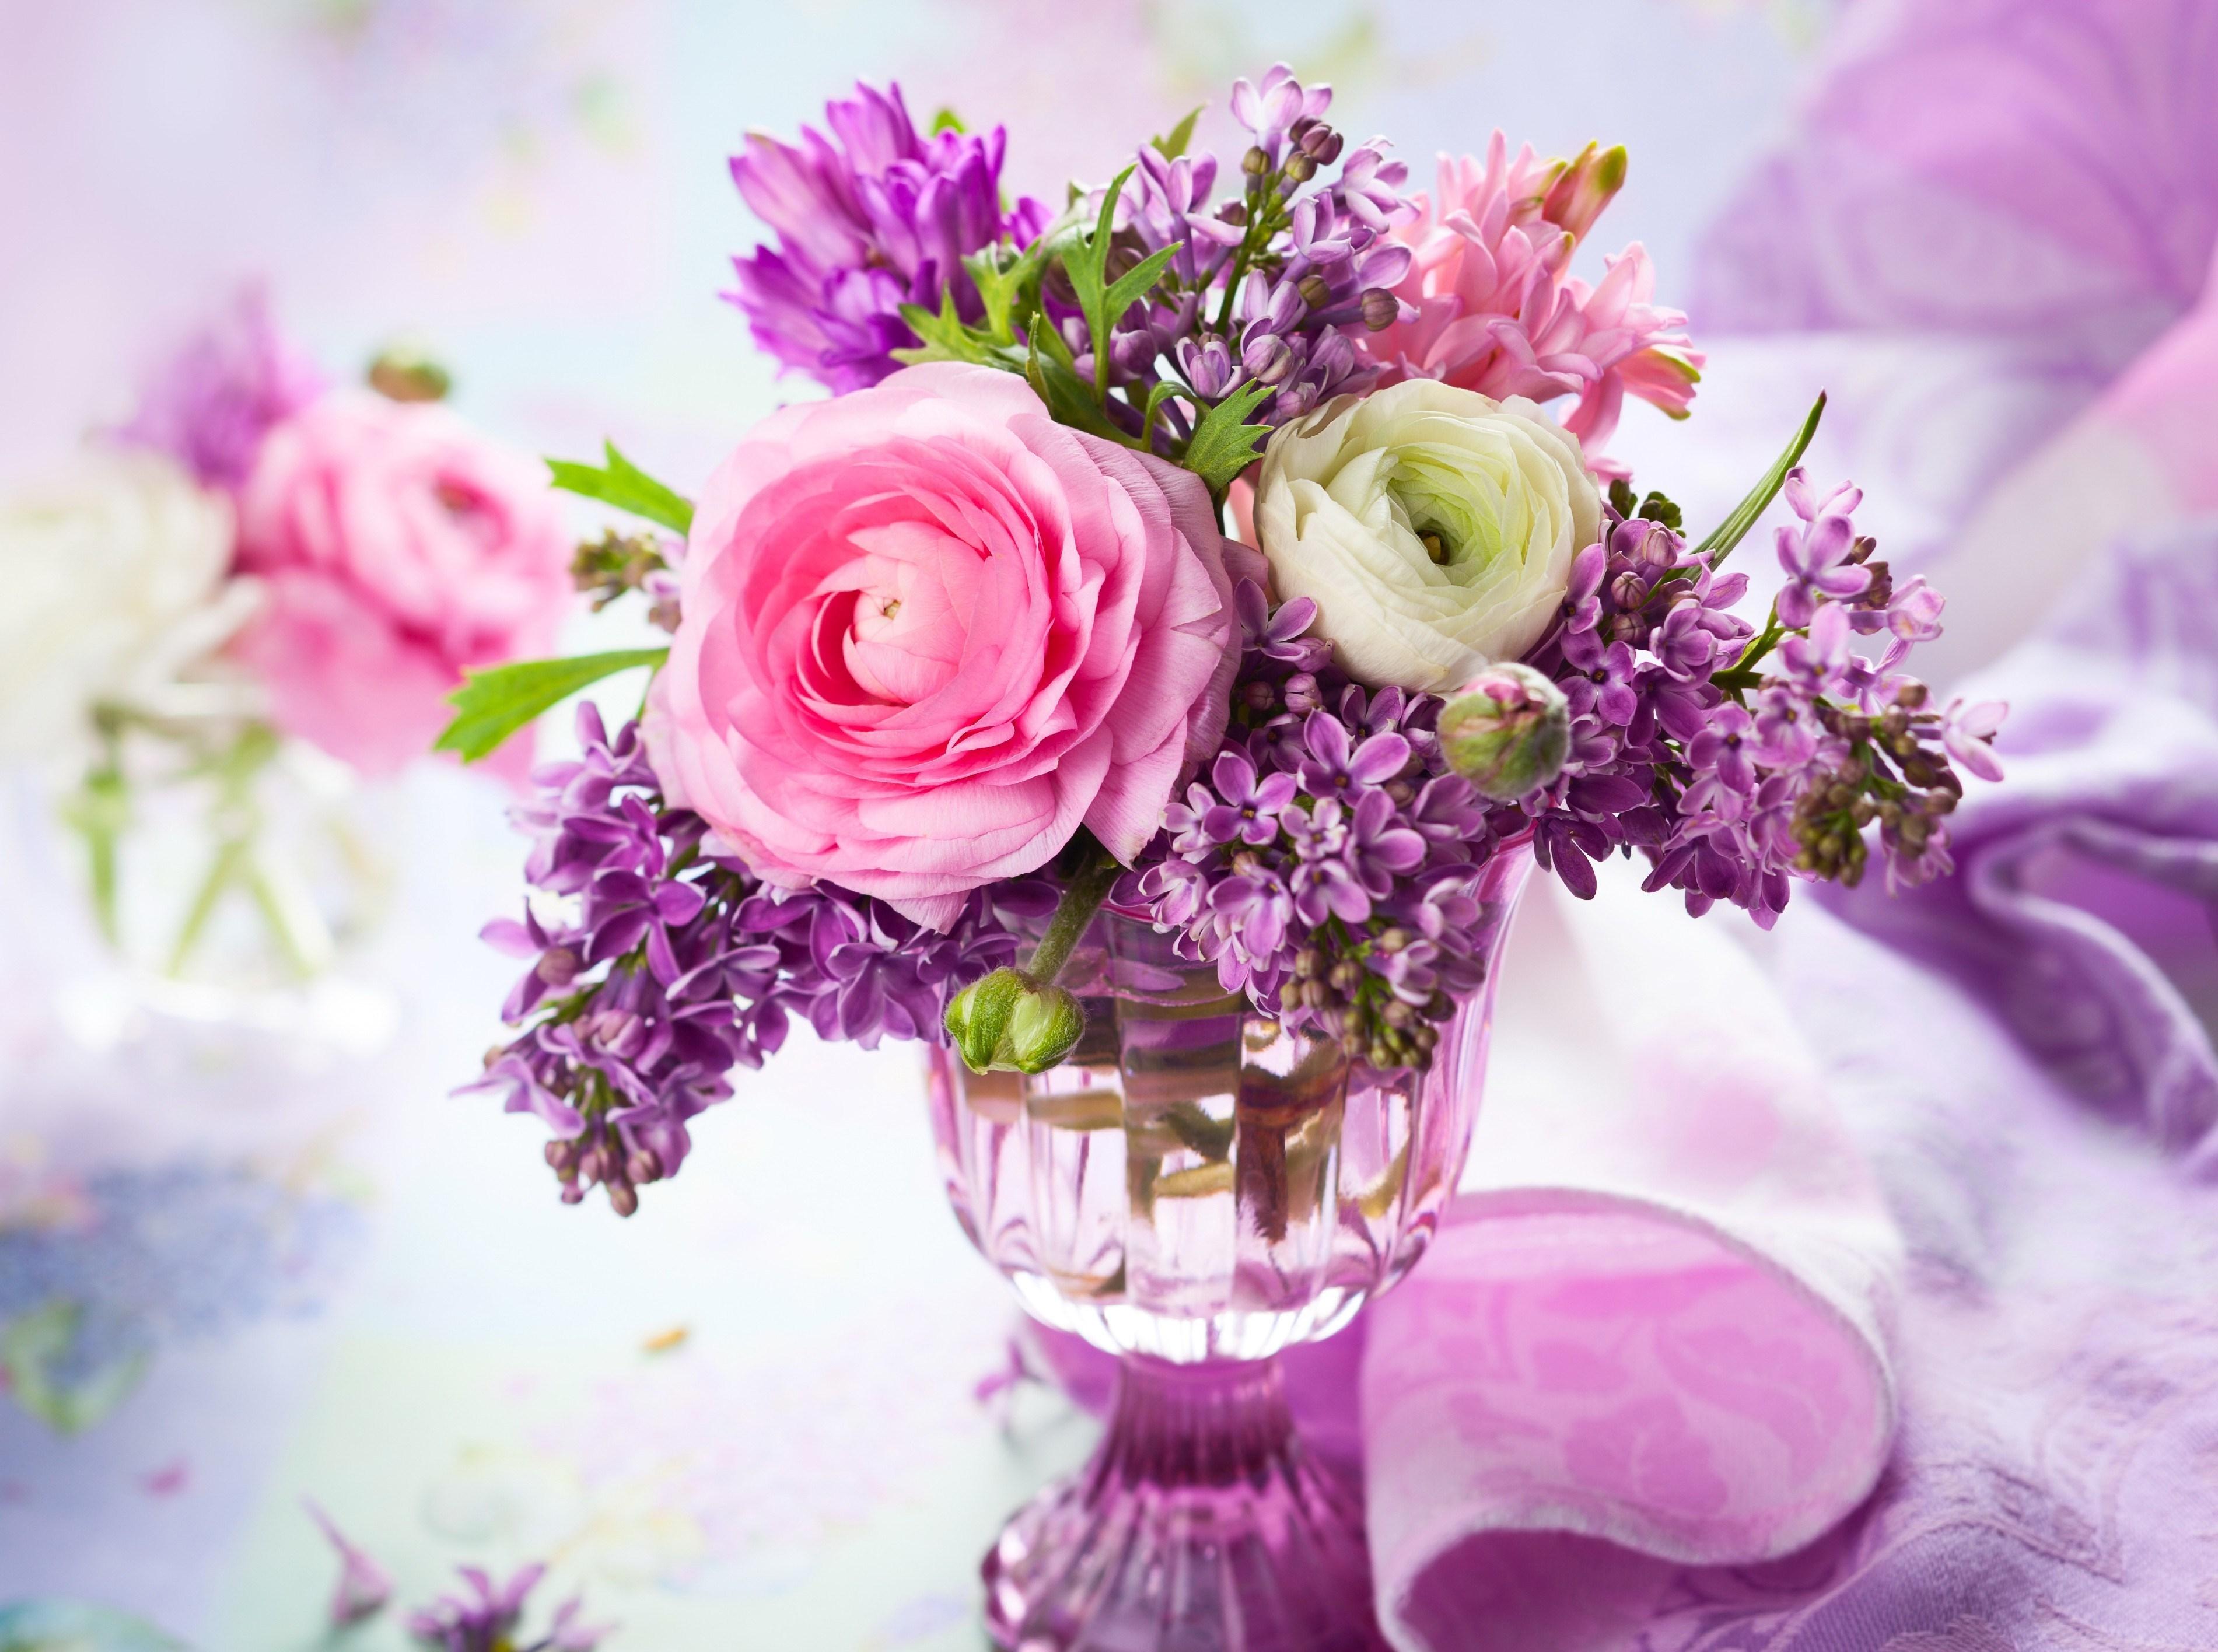 С днем рождения цветы в вазе картинки, днем рождения